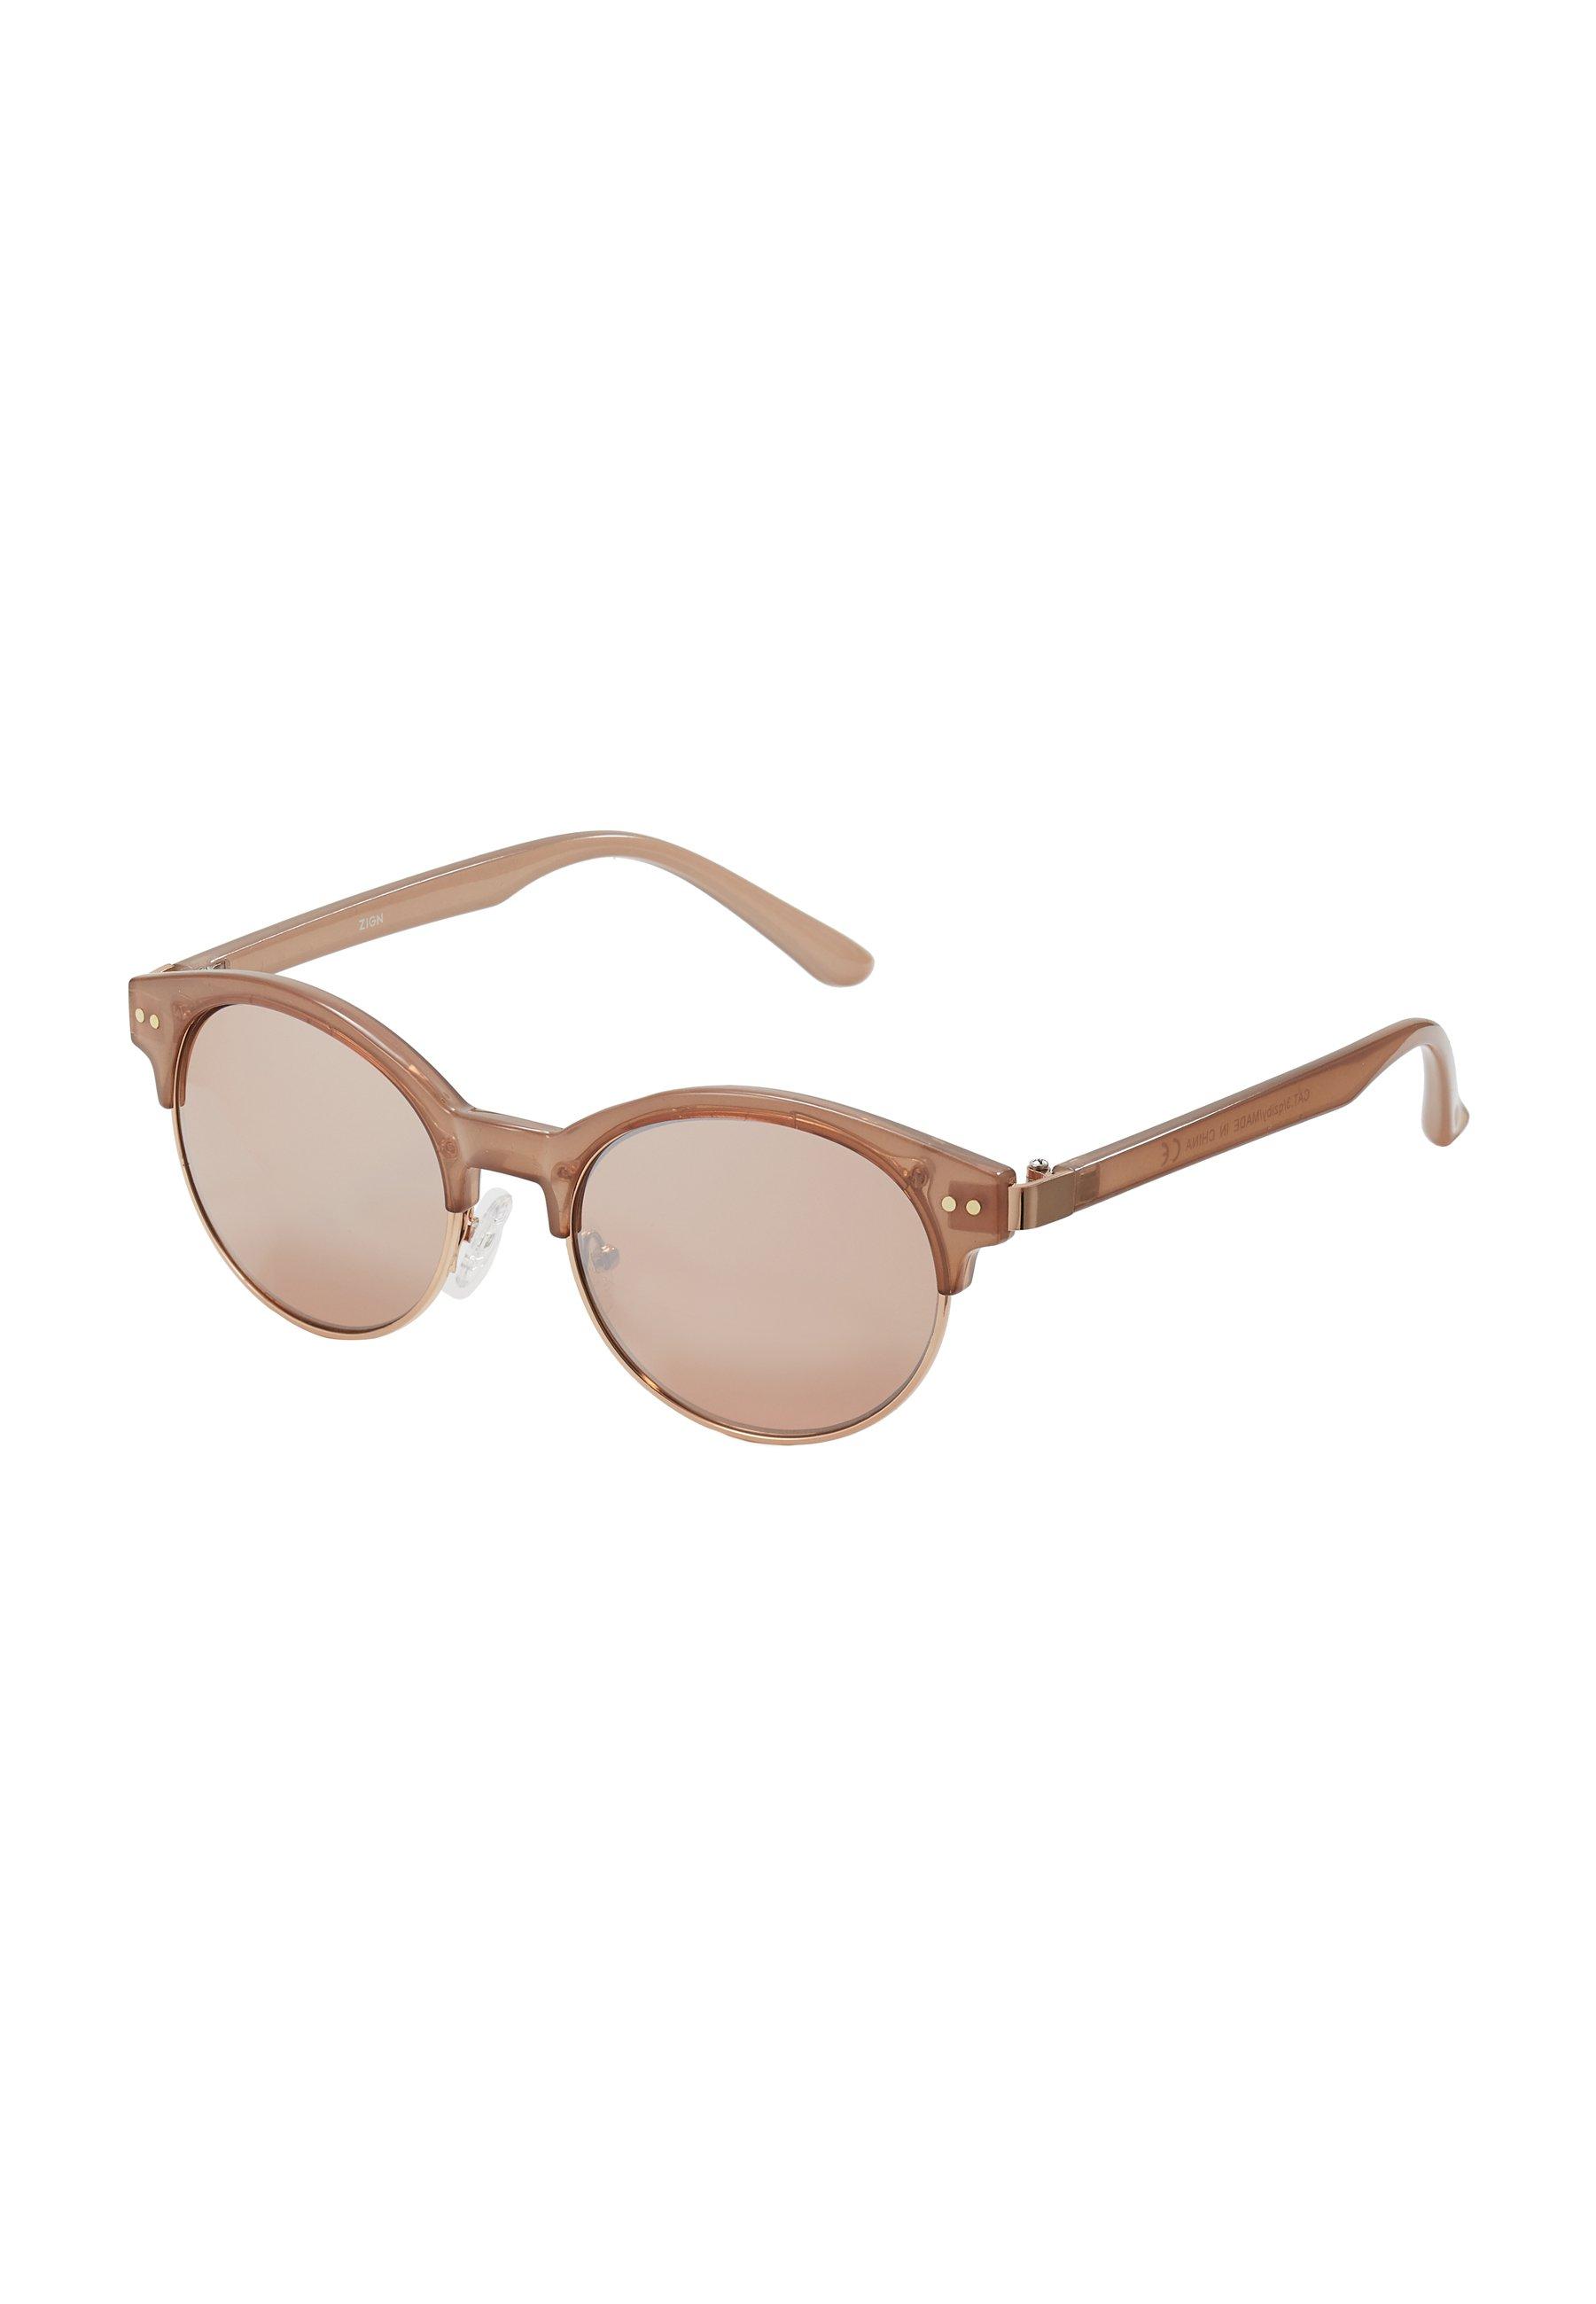 Zign Sonnenbrille - Rose/rosa